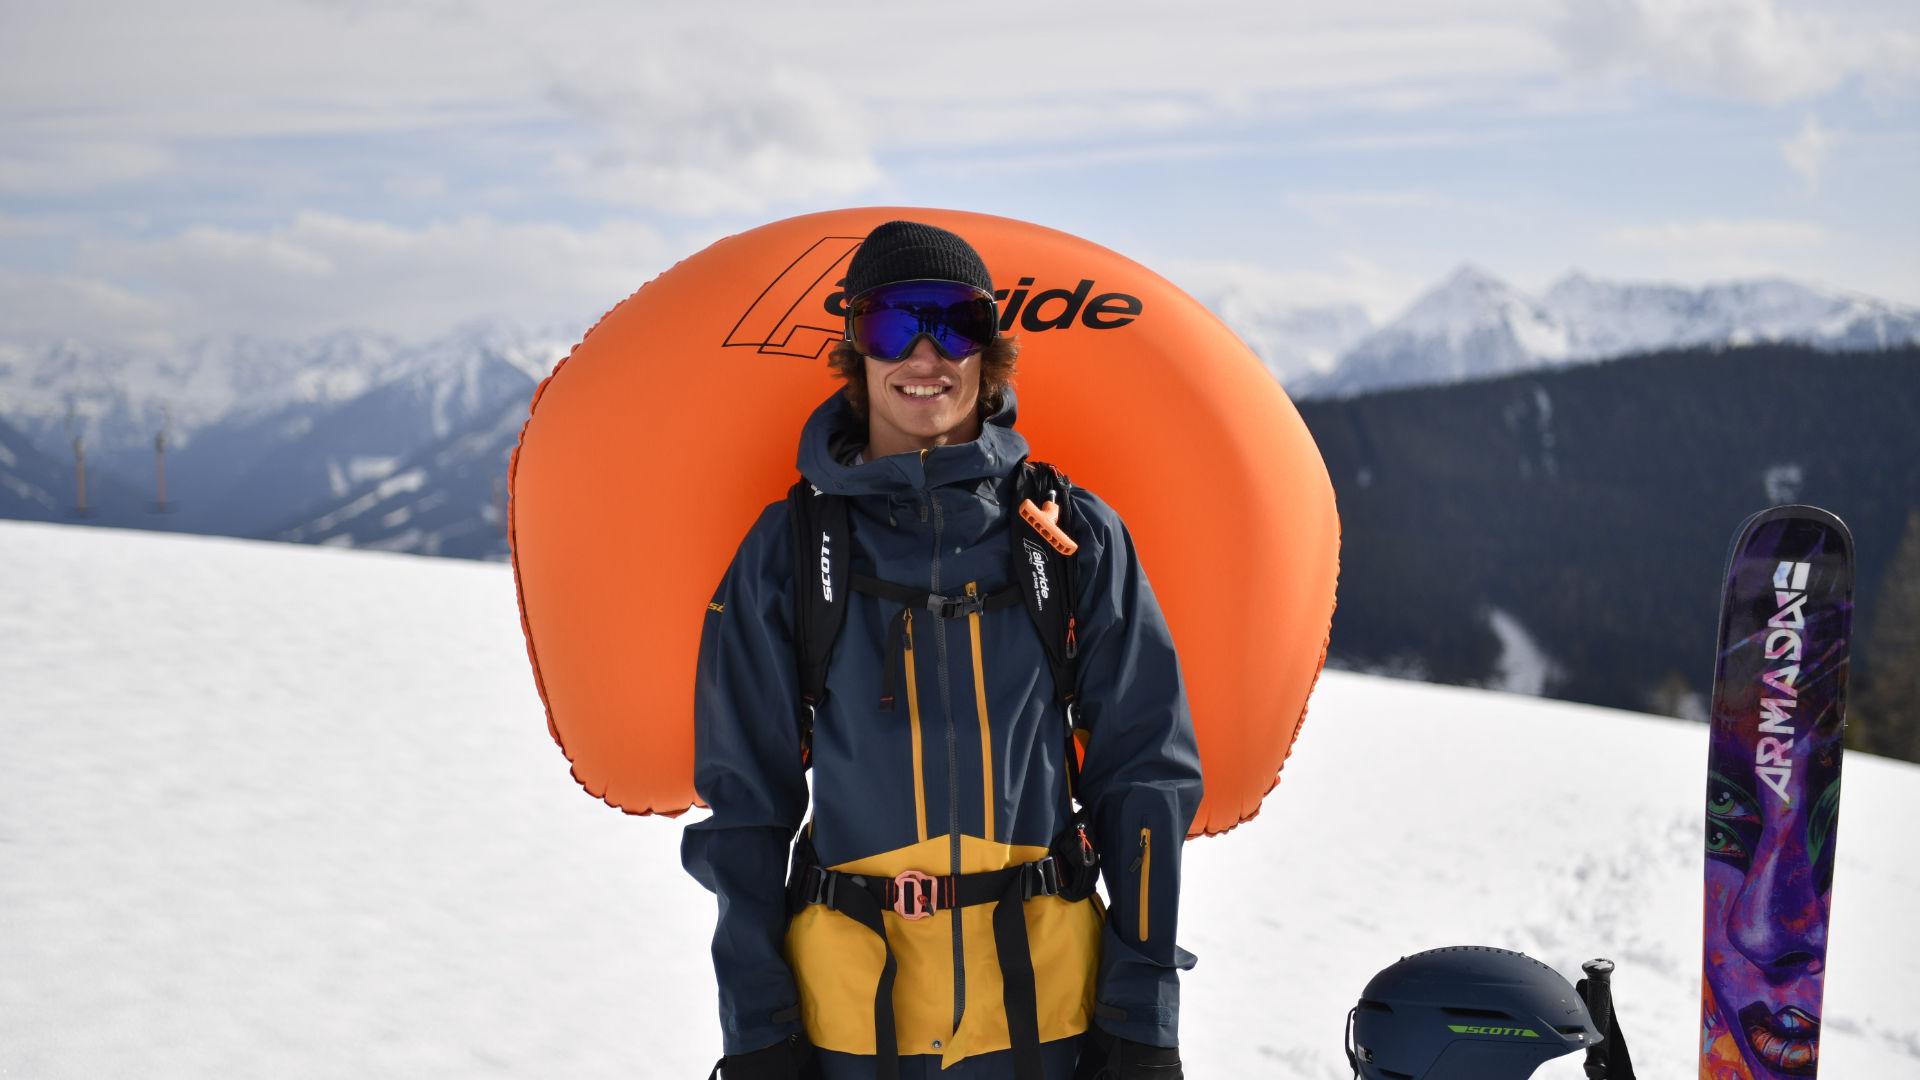 Rider mit einem aktivierten Scott Alpride System auf der Skipiste neben seinen Ski